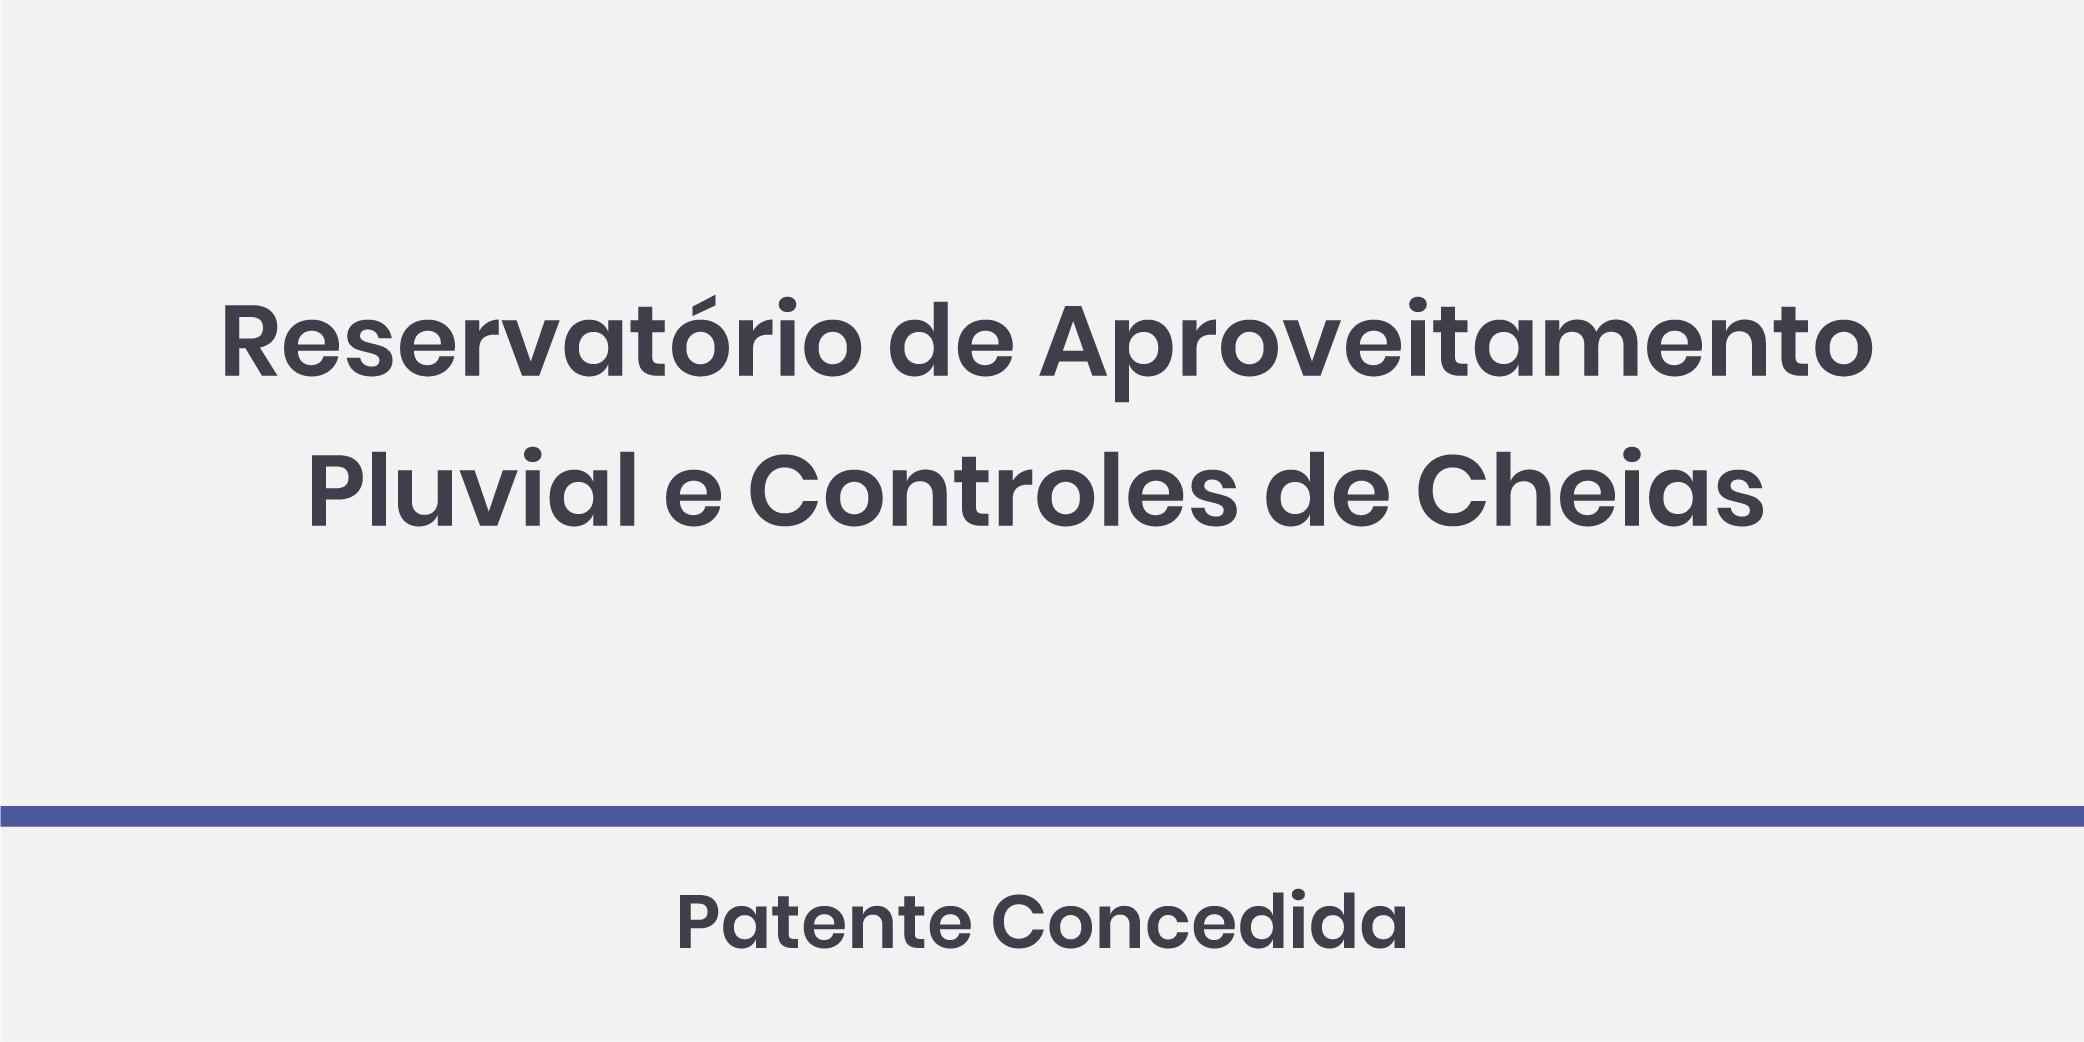 Reservatório de Aproveitamento Pluvial e Controles de Cheias; Patente Concedida.